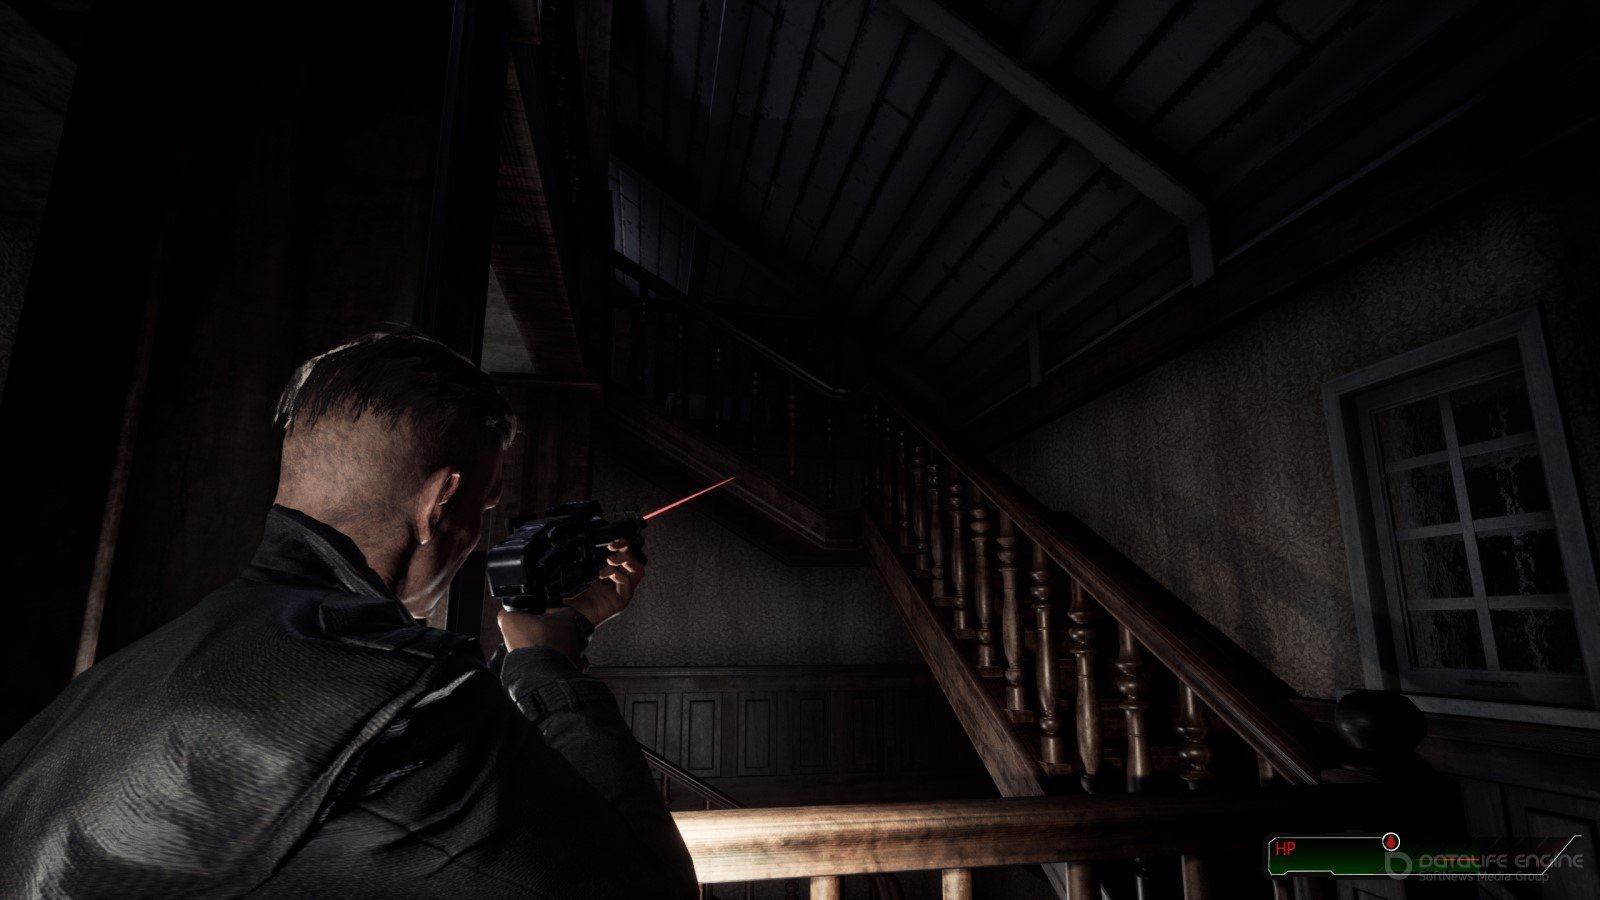 Скриншот к игре The Walking Evil v.1.2 [CODEX] (2020) скачать торрент Лицензия